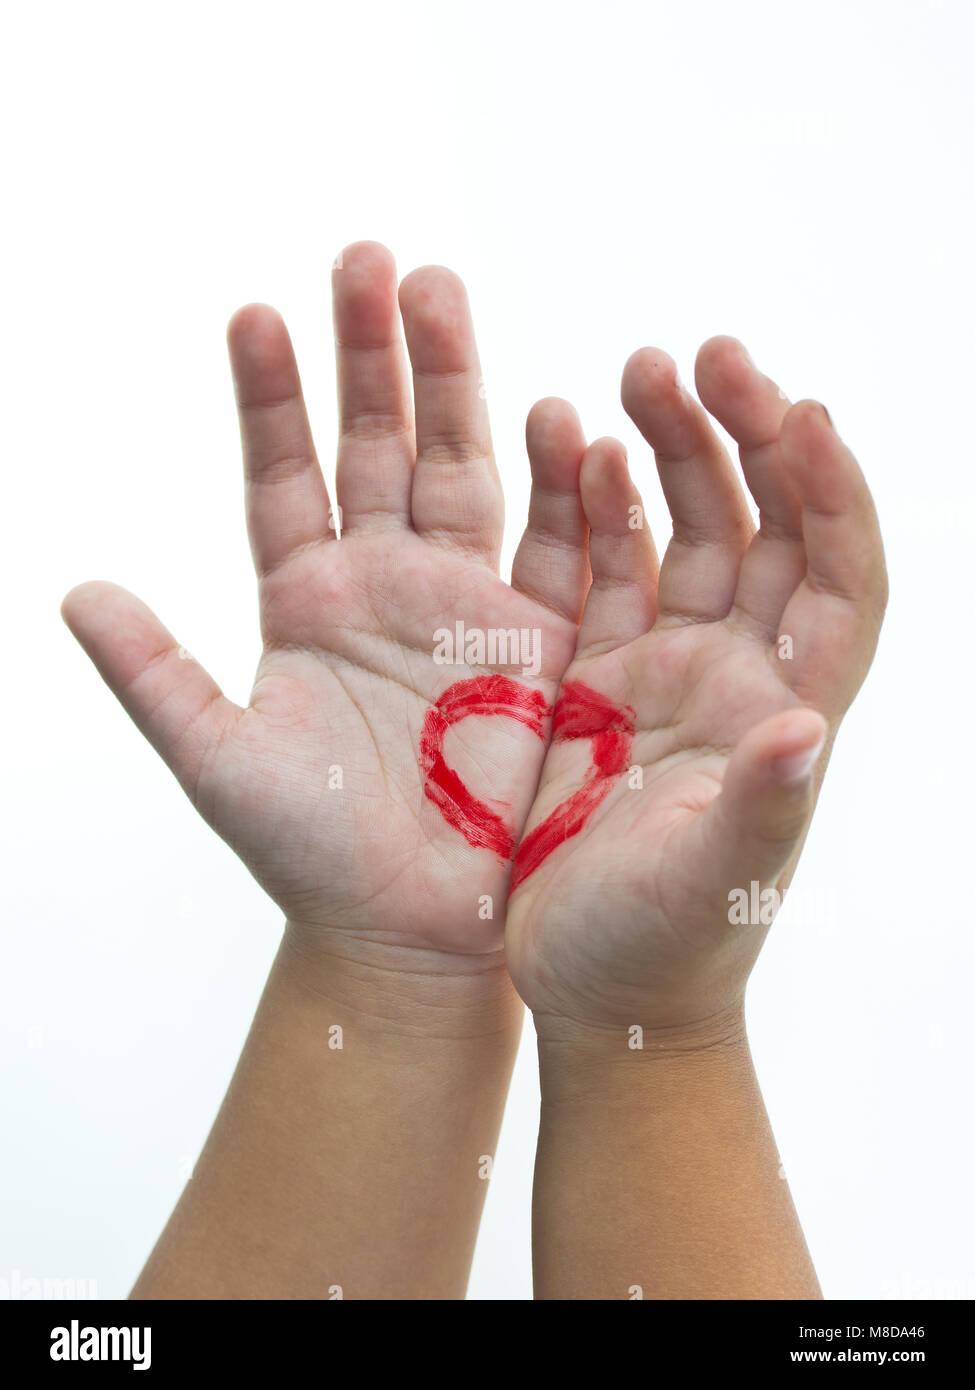 Coeur dans les mains. La Saint-Valentin, la romance, l'amour concept Photo Stock